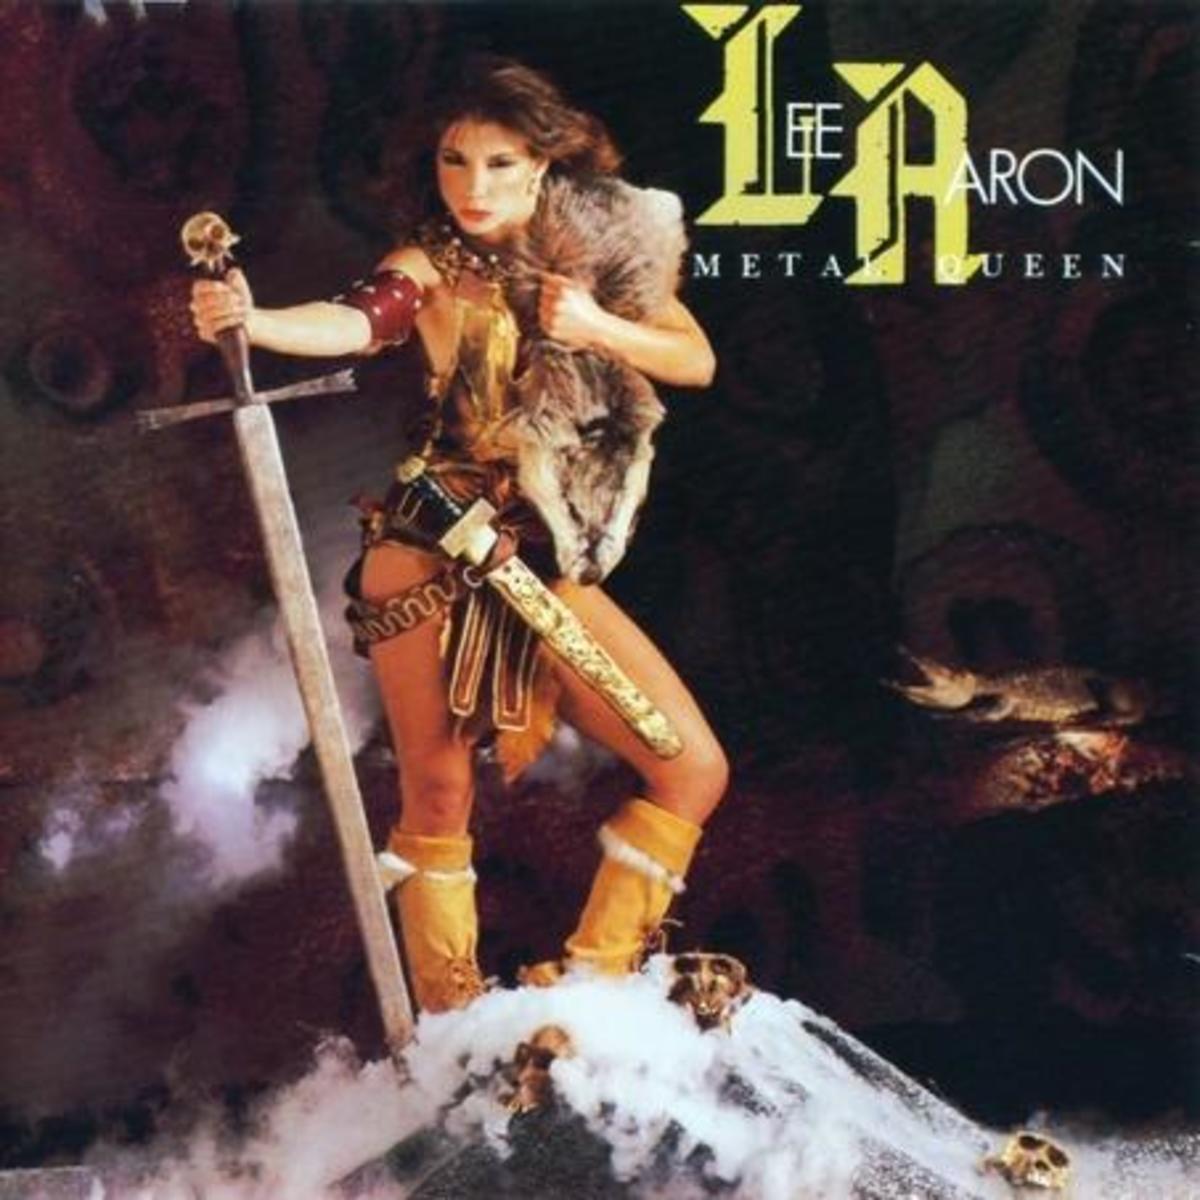 Metal Queen (Album Cover)